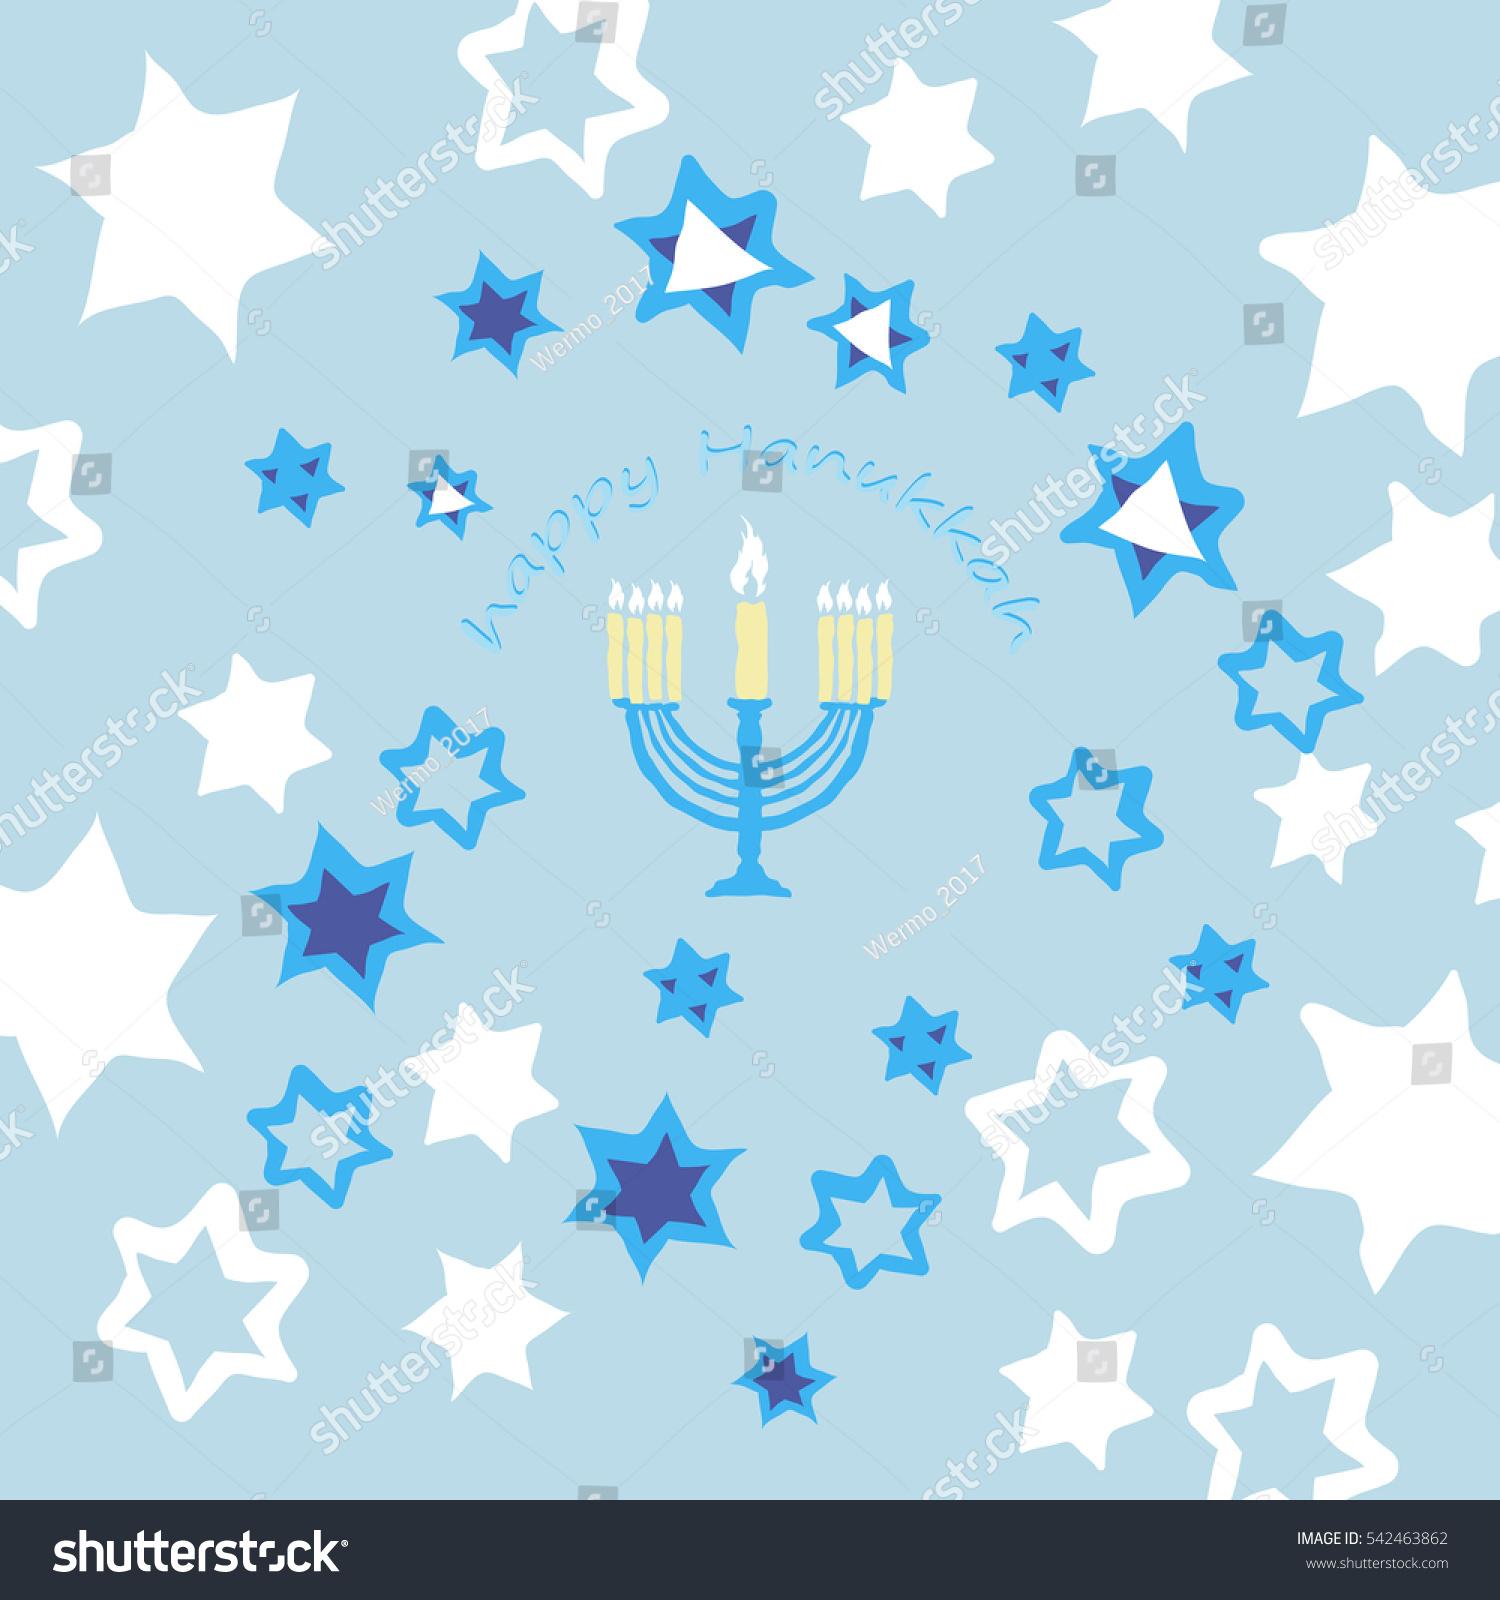 Hanukkah Menorah Star Israel Stock Photo Photo Vector